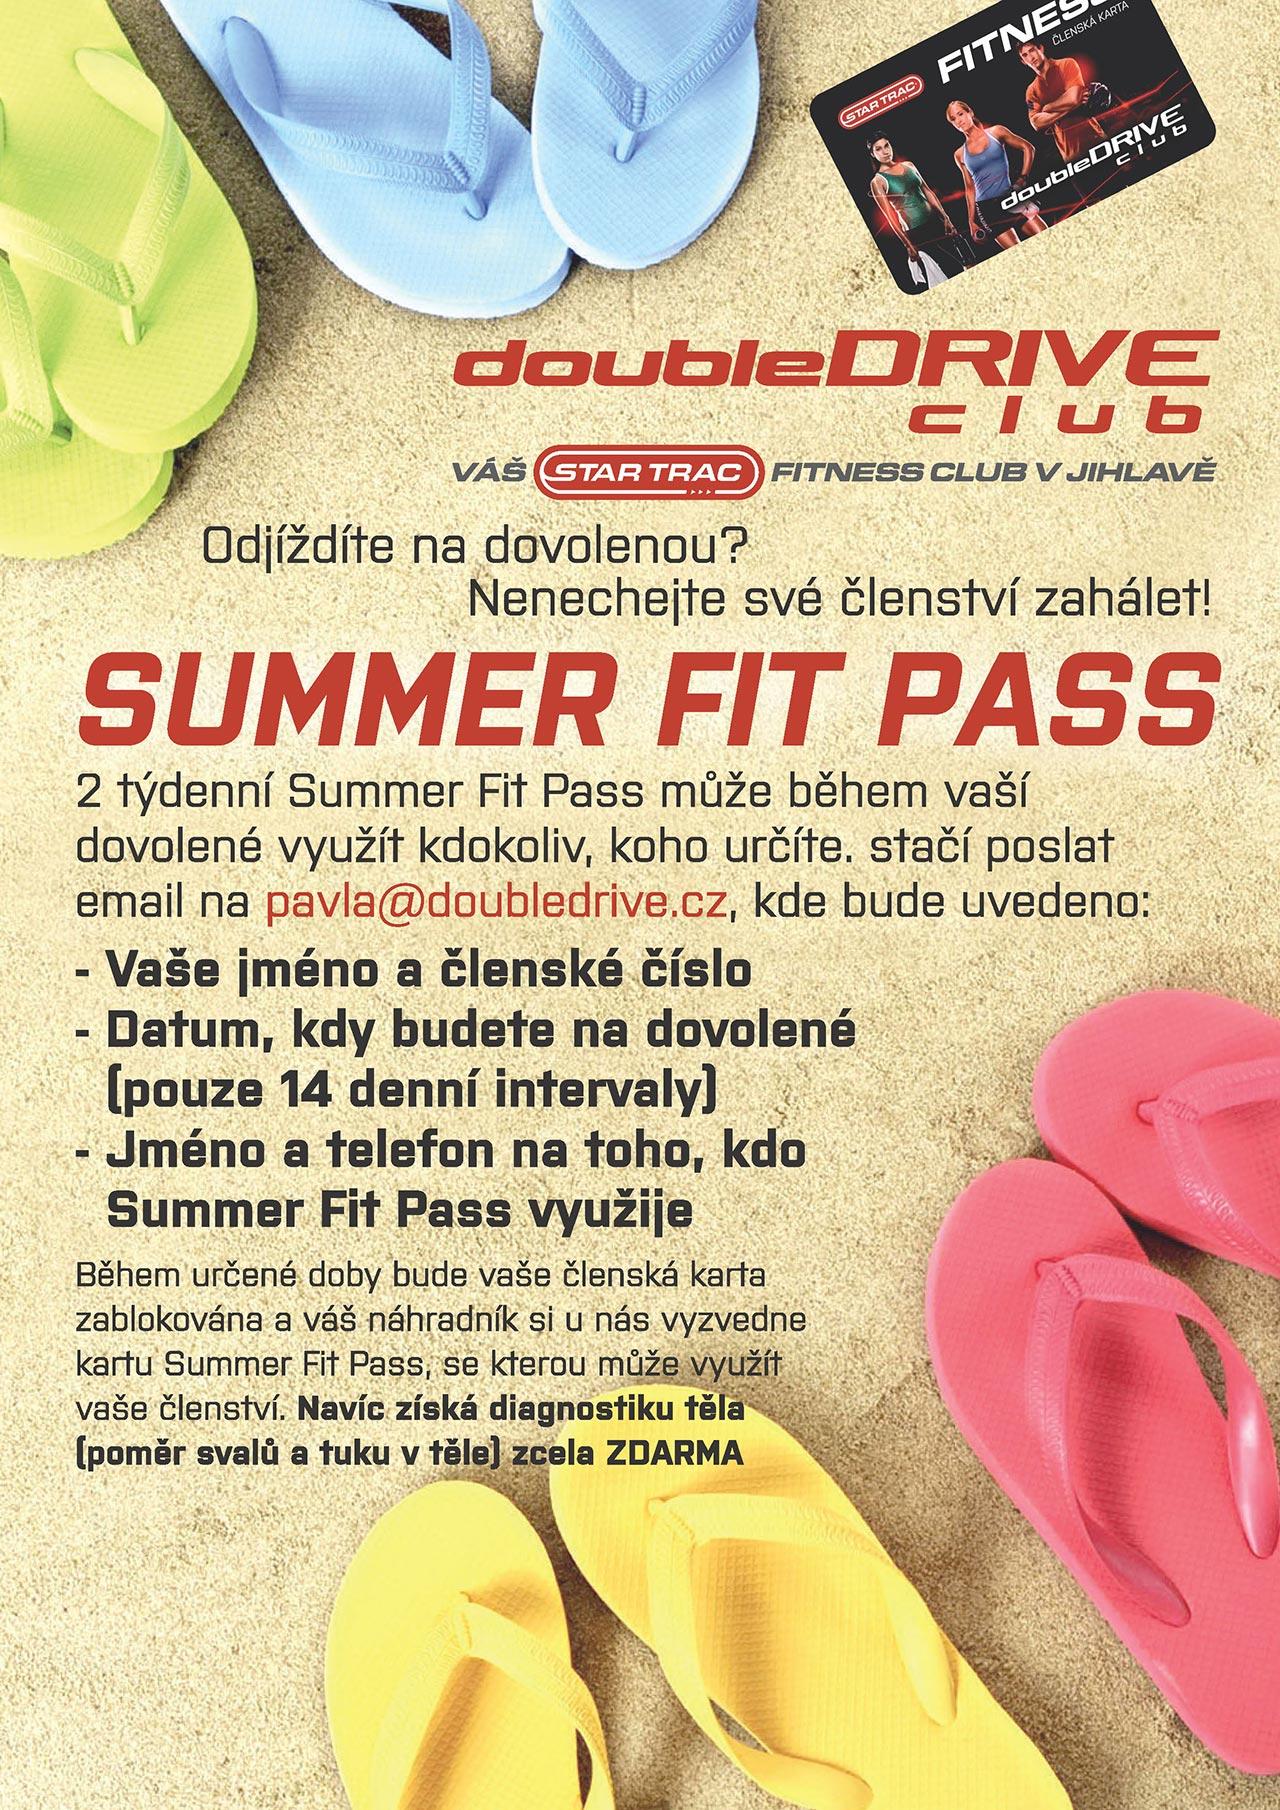 Summer Fit Pass